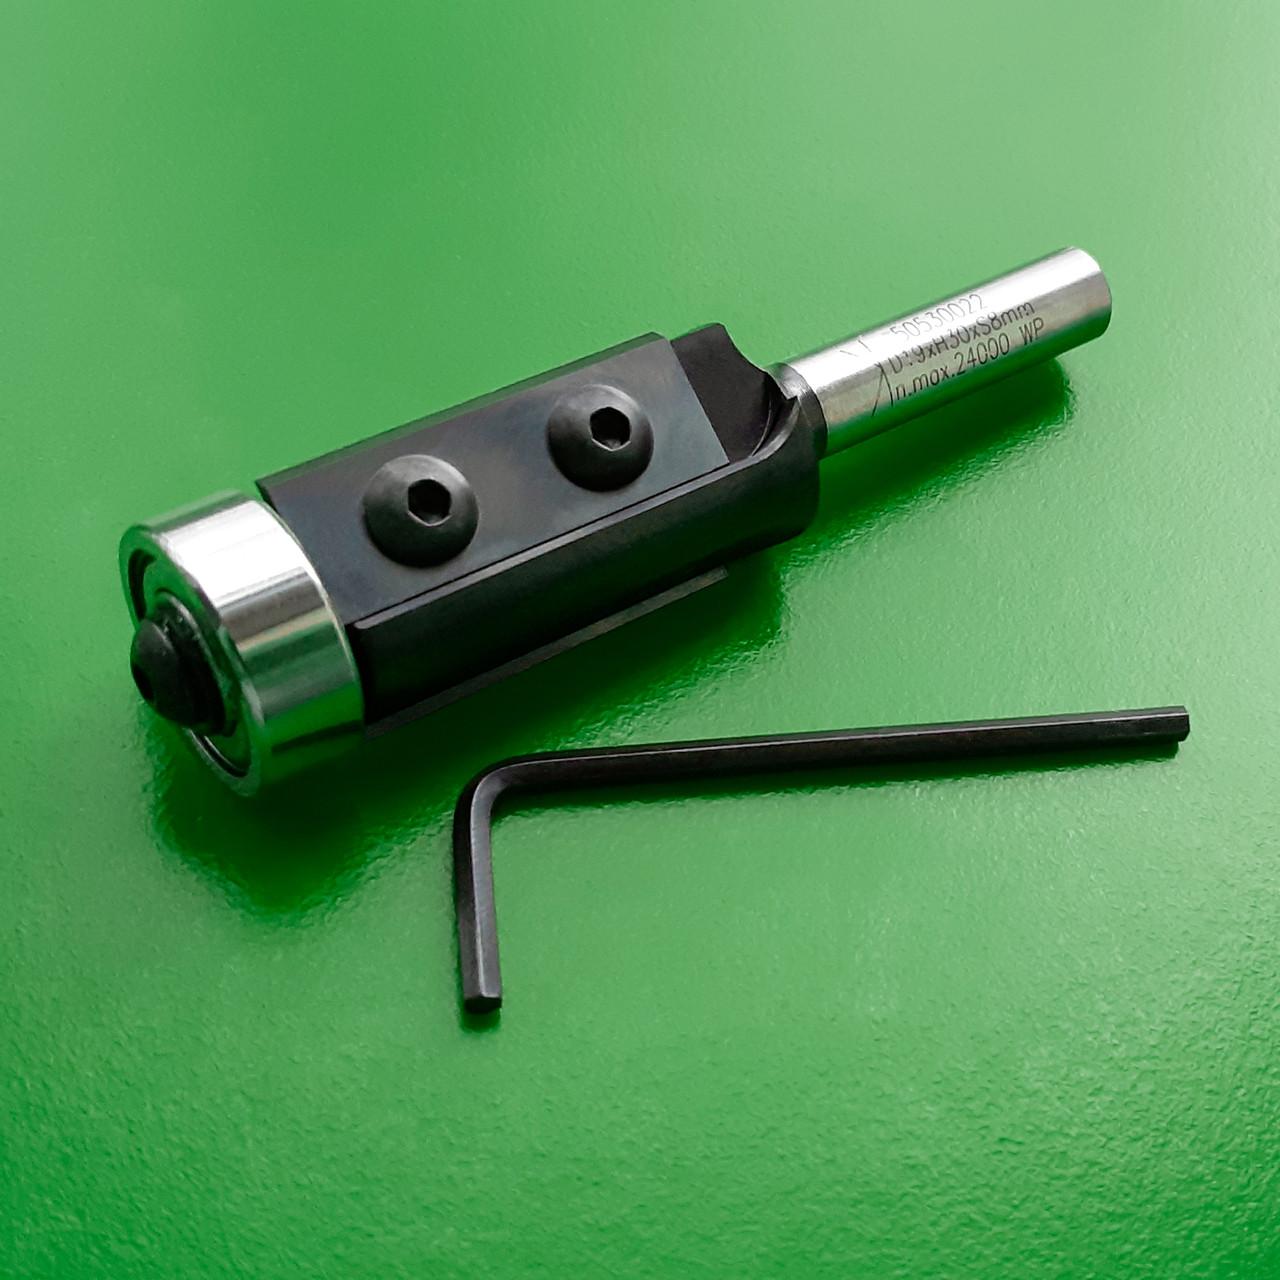 19х30х80х8 z=2 Фреза Stehle для ручного фрезера для обробки кромки зі змінними ножами і нижнім підшипником